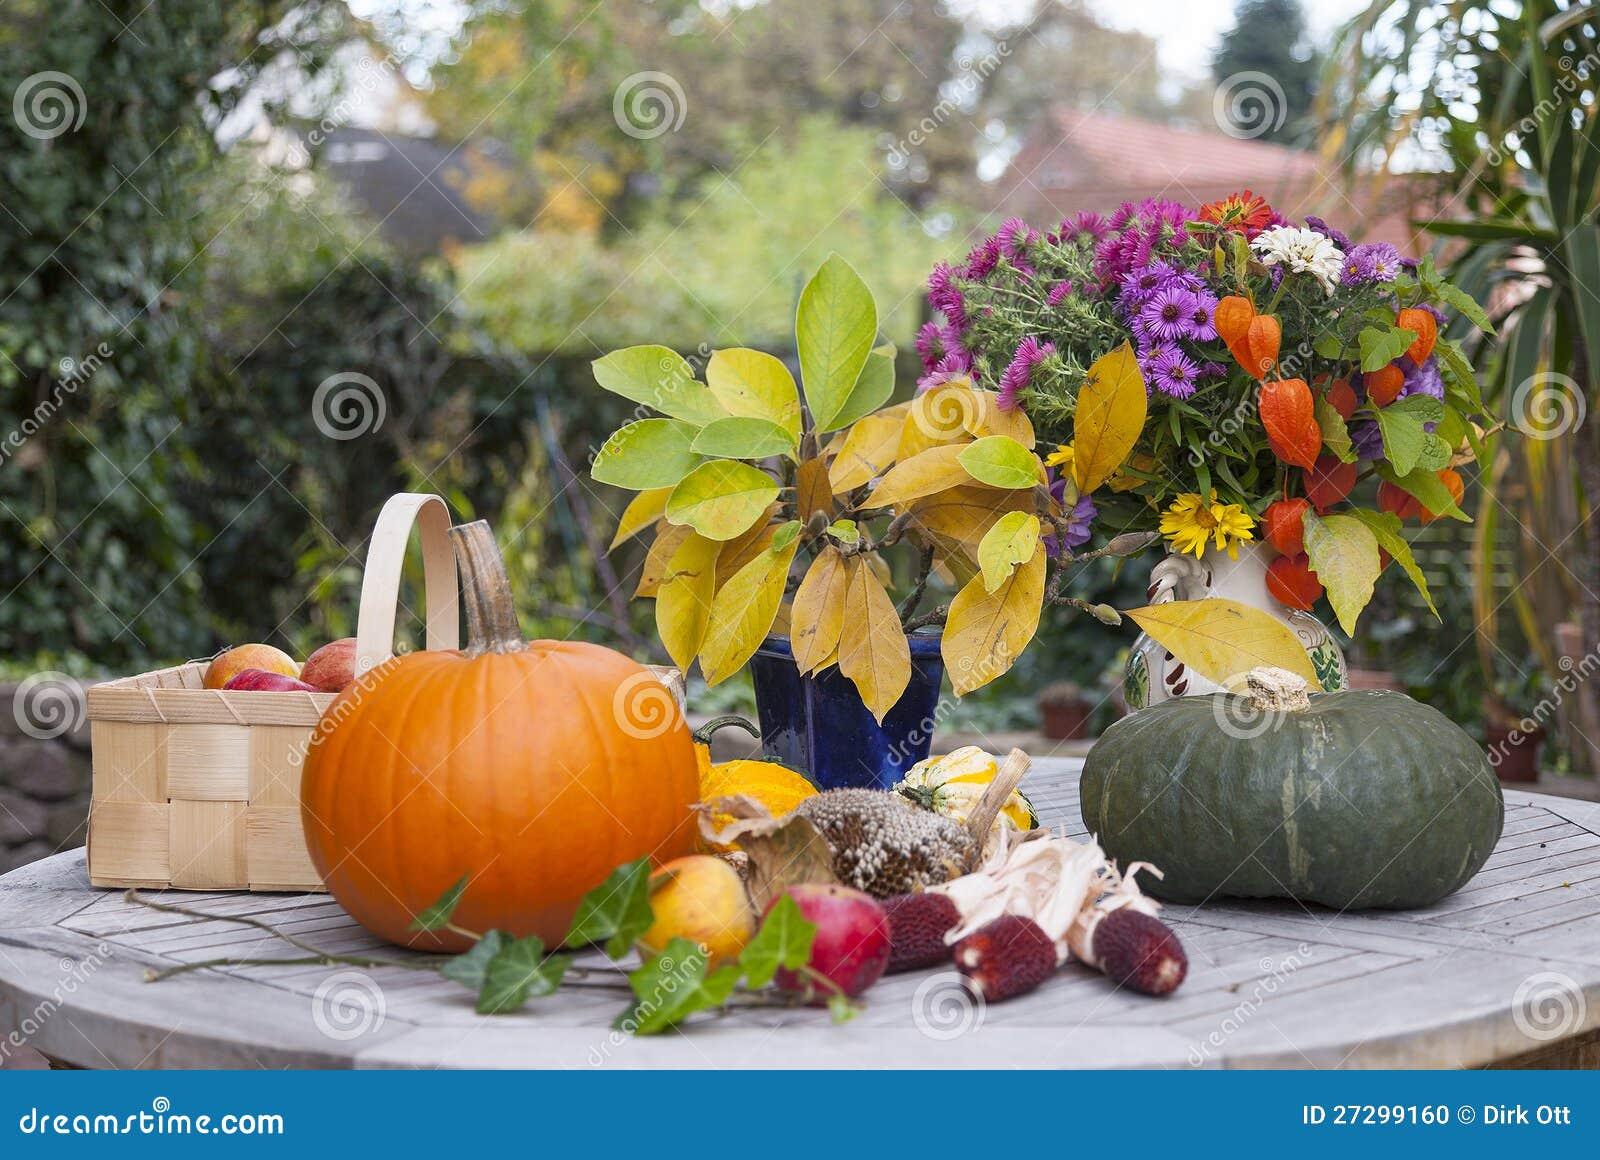 Herfst decoratie stock foto afbeelding bestaande uit for Decoratie herfst